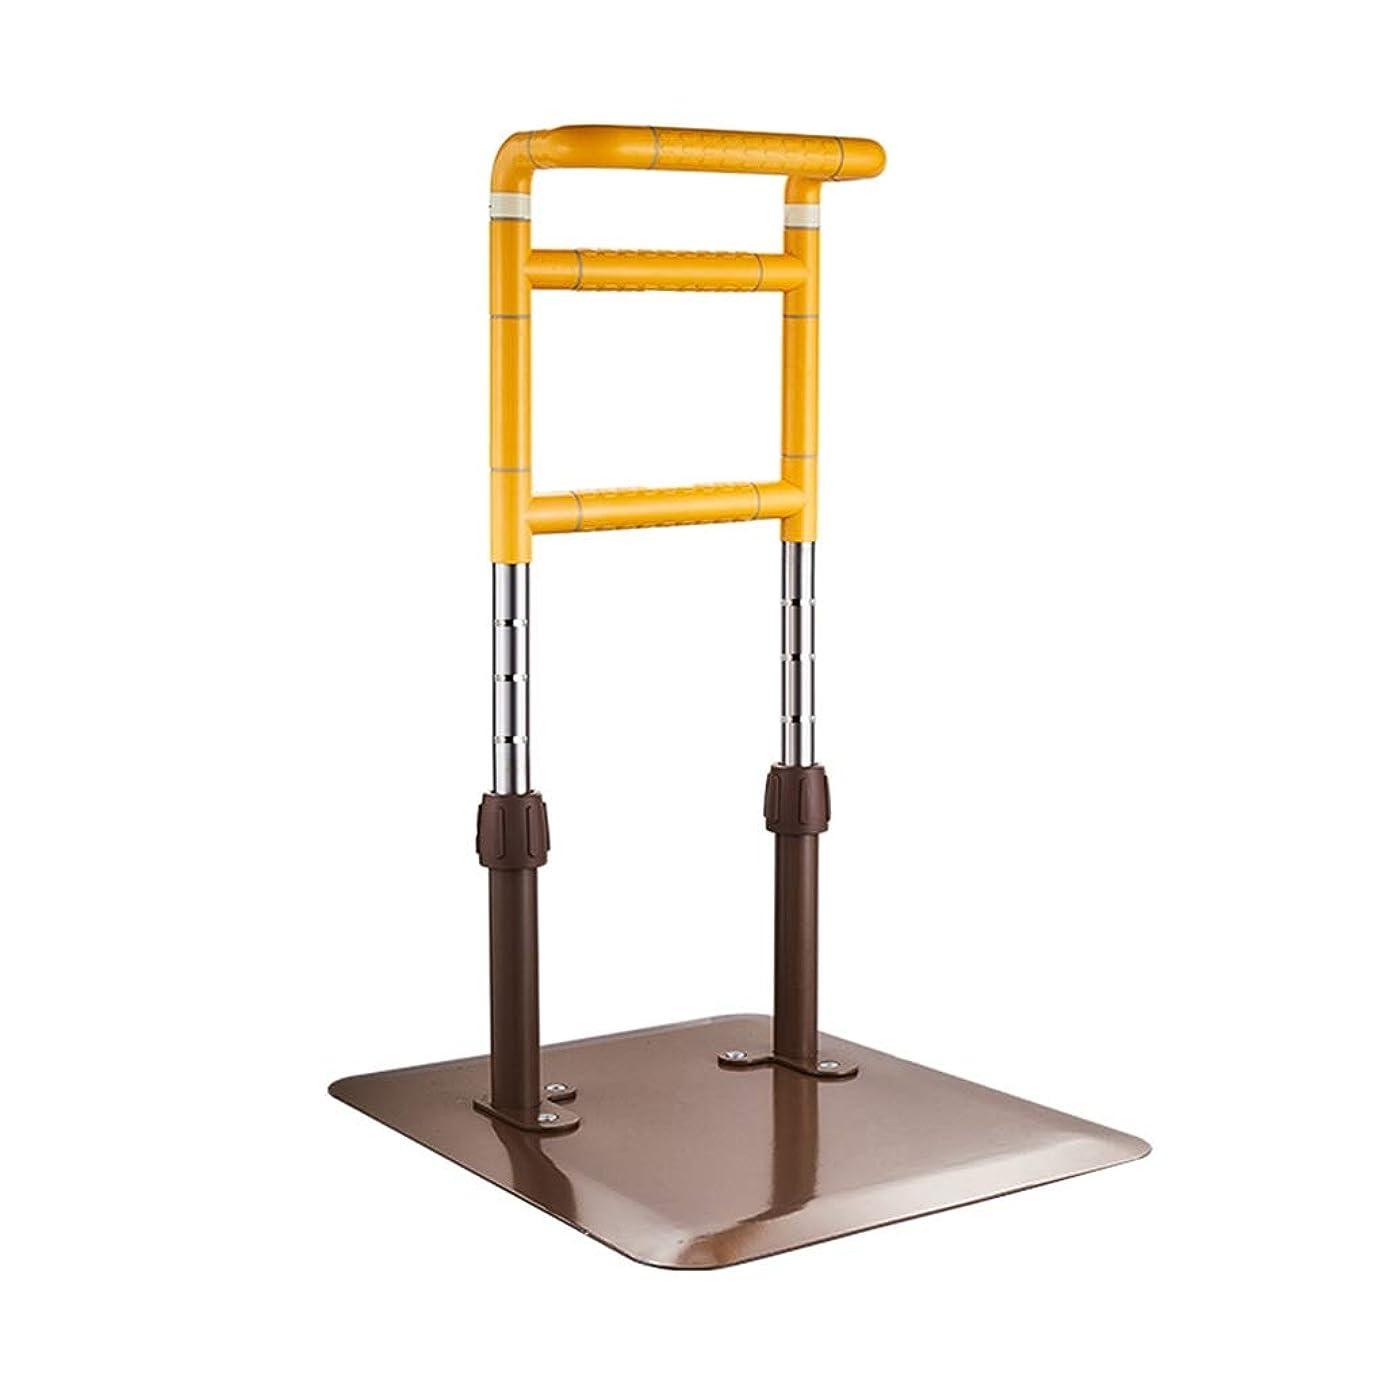 ダルセット常習的請うトイレ手すり自立箪笥安定手すり浴室の安全性は、フレームベッドサイド手すり補助家庭用手すりをアシスト トイレ用手すり (Color : Yellow, Size : 60*50cm)